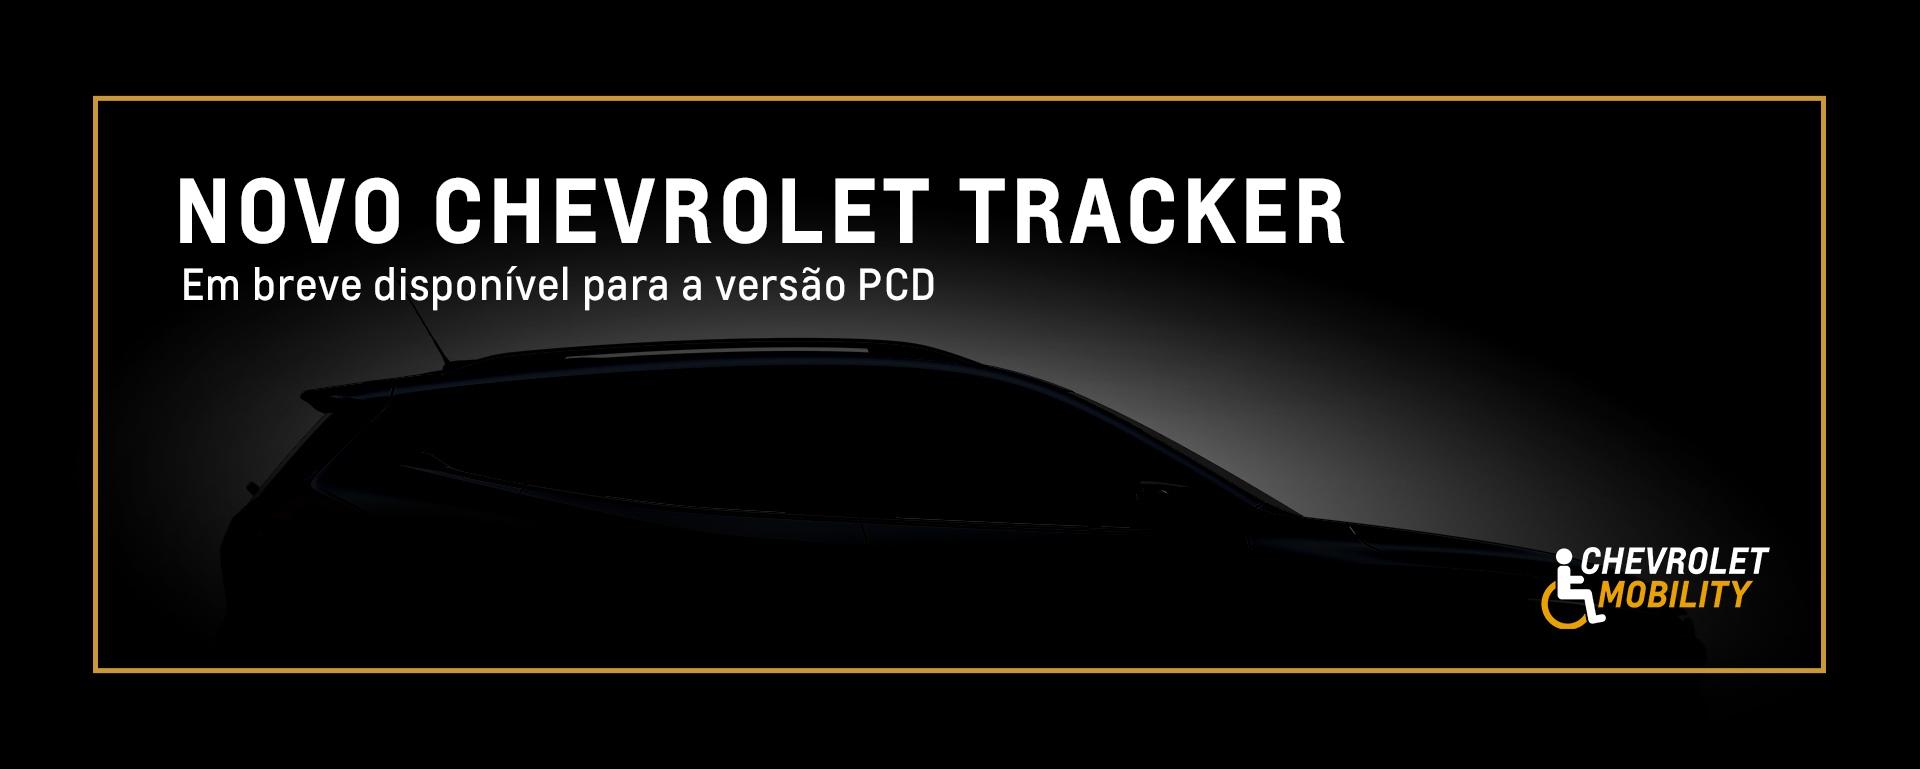 masthead-tracker-teaser-pcd-desktop